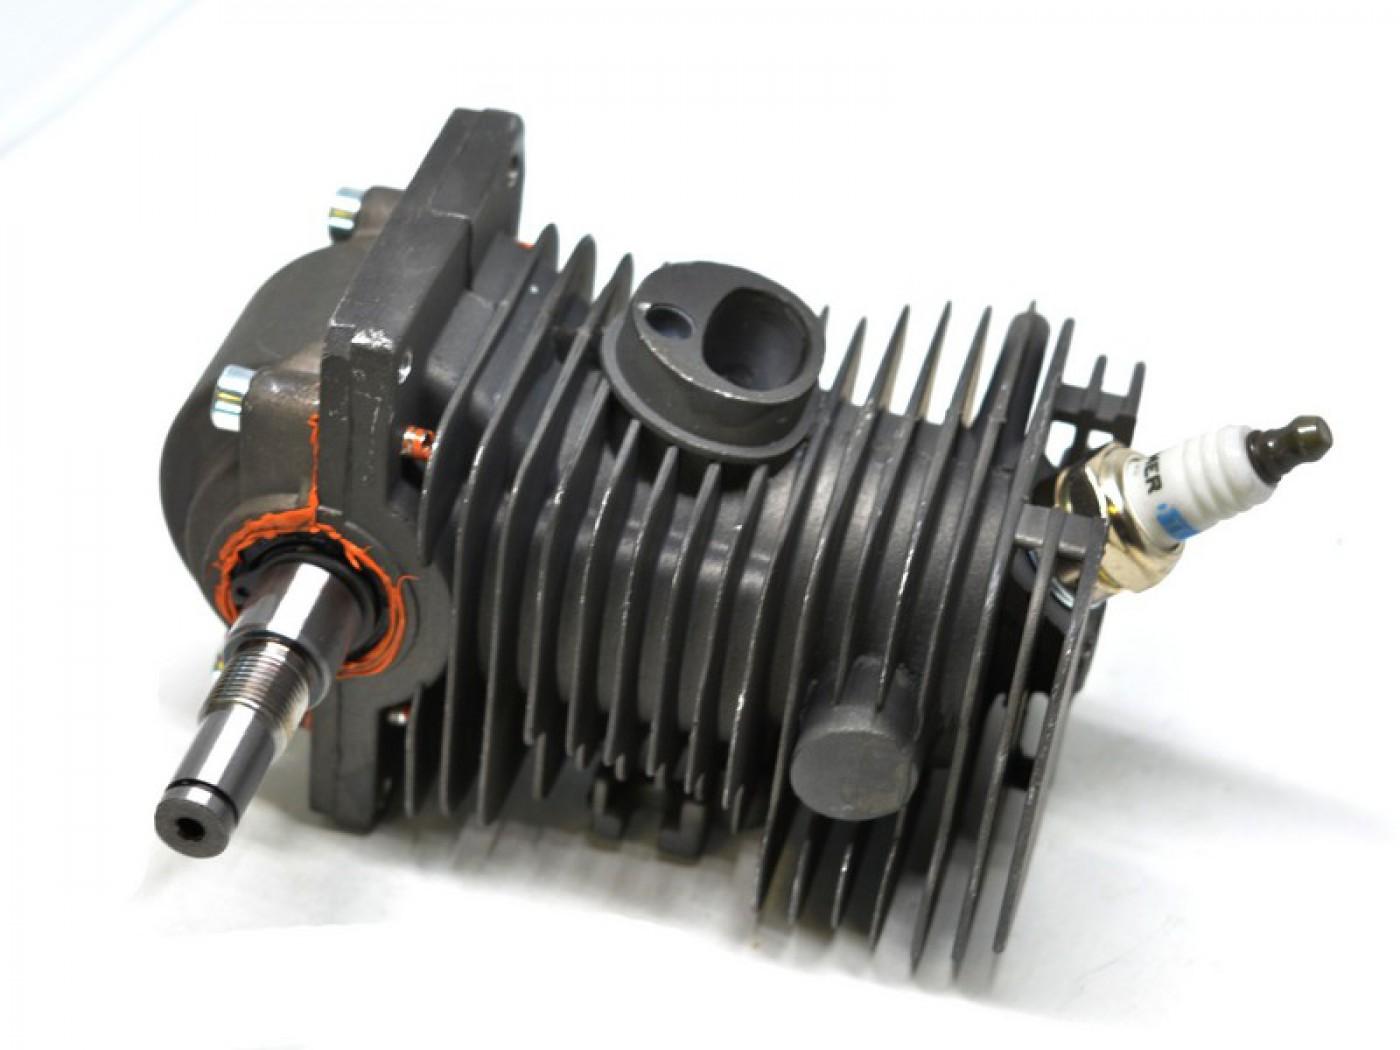 Motor Stihl MS 180 018 - UŠETŘÍTE 750Kč